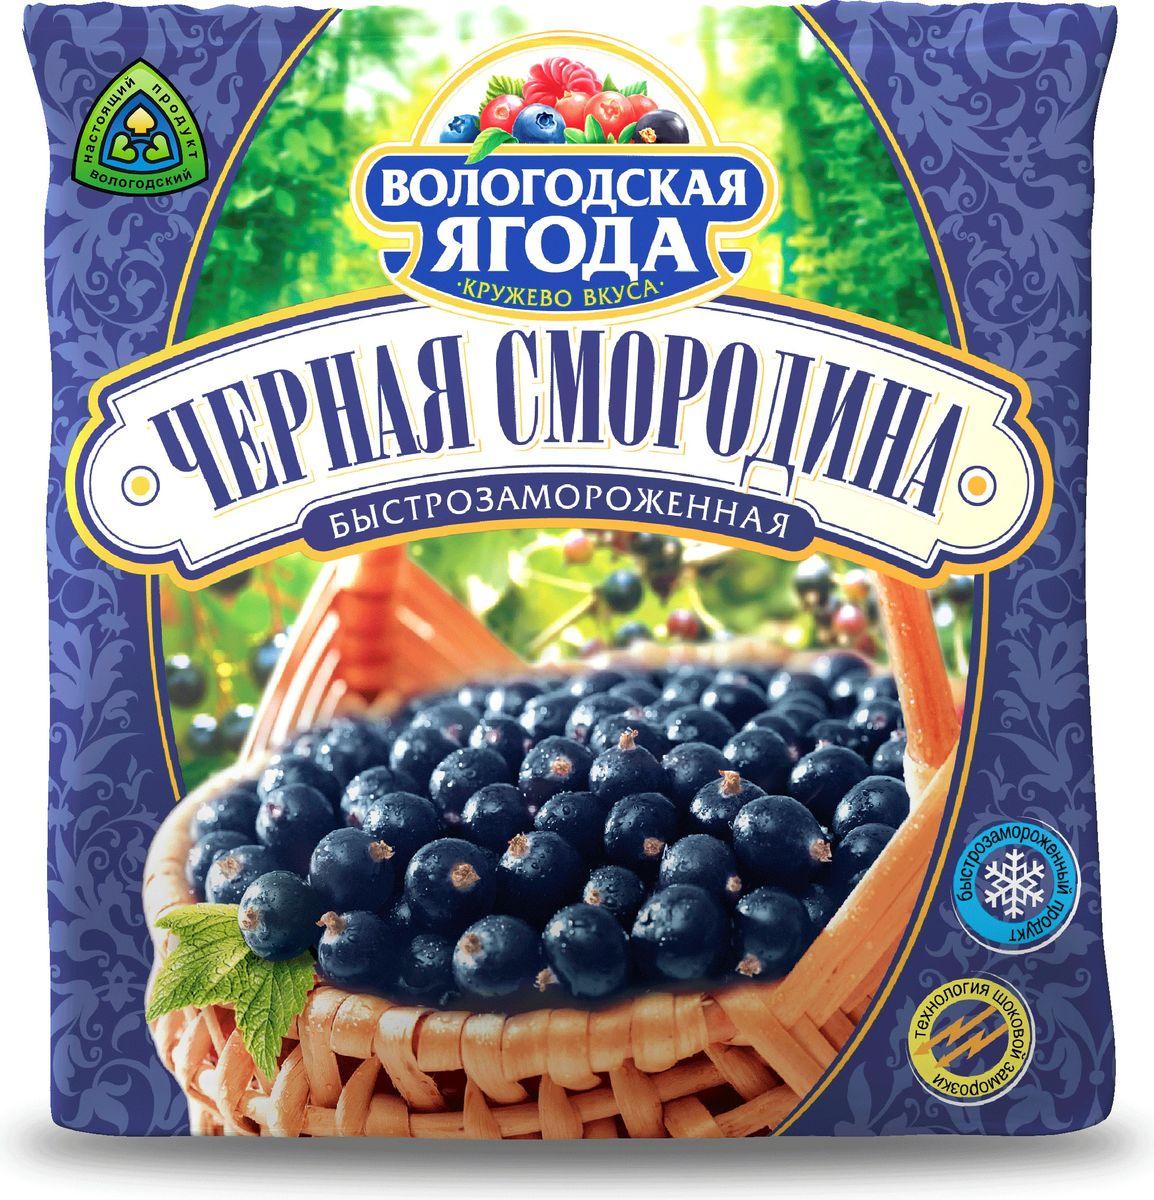 Кружево Вкуса Черная смородина быстрозамороженное, 300 г куплю ягоды смородины в беларуси